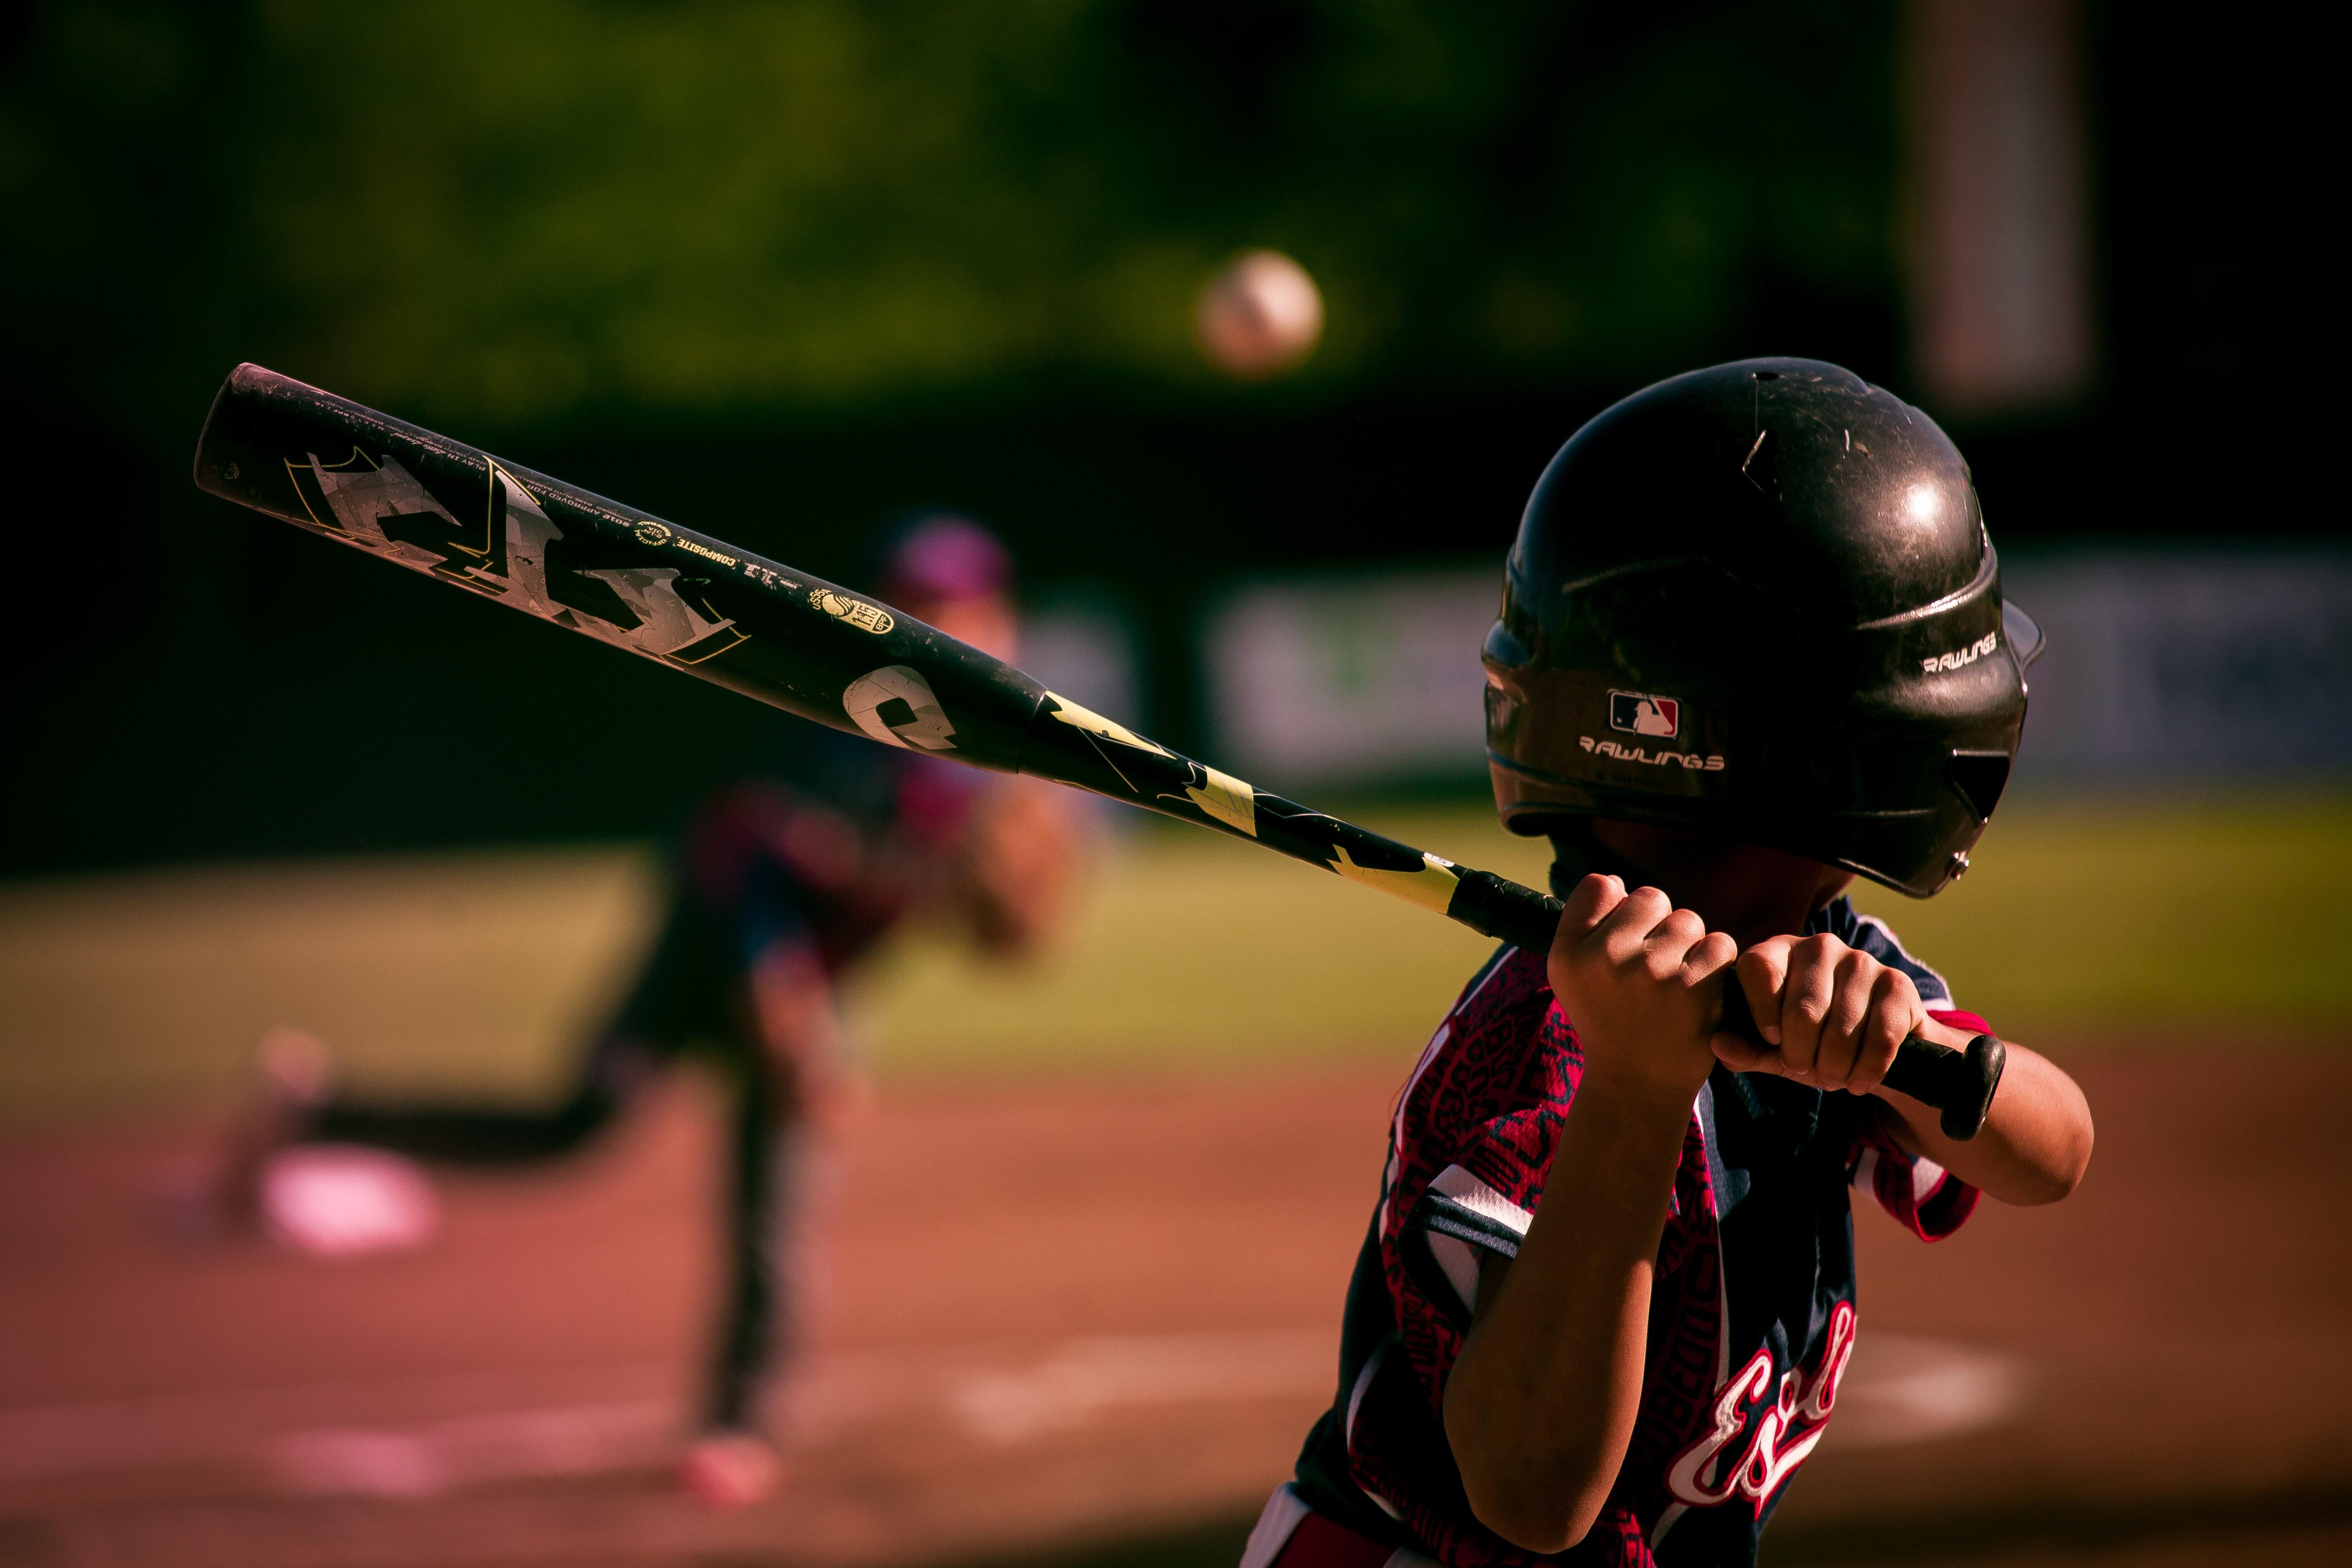 【夢占い】野球の夢の意味11選!人間関係に変化がある?